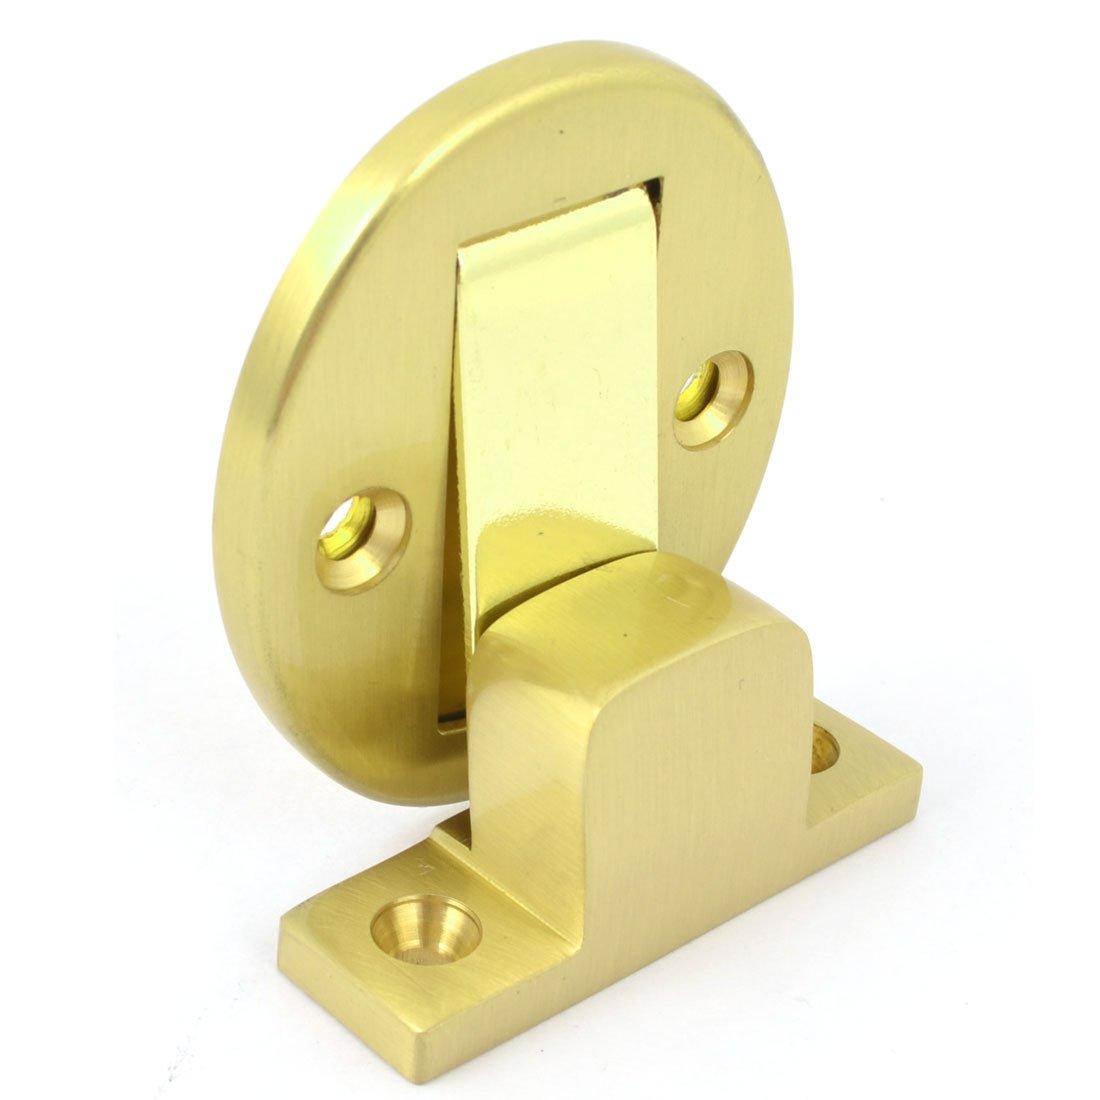 Tope para puertas de oficina metá lico tope para puerta con cierre magné tico tono de oro Sourcingmap a14051900ux1388